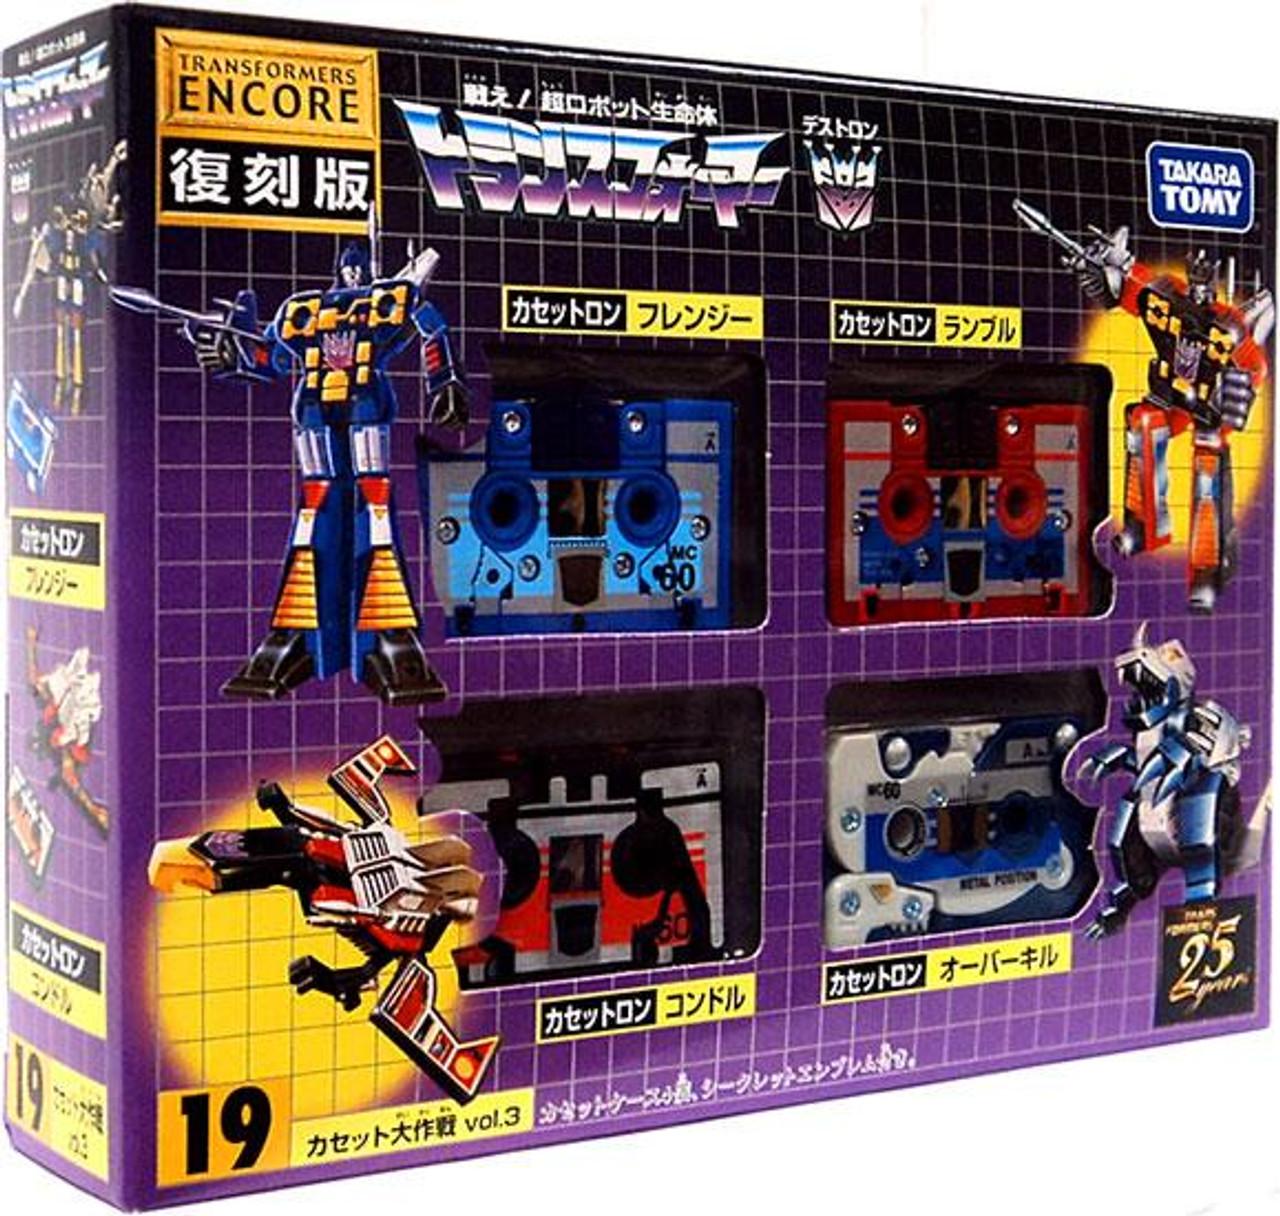 Transformers Japanese Renewal Encore Cassettes Action Figure Set #19 [#19]